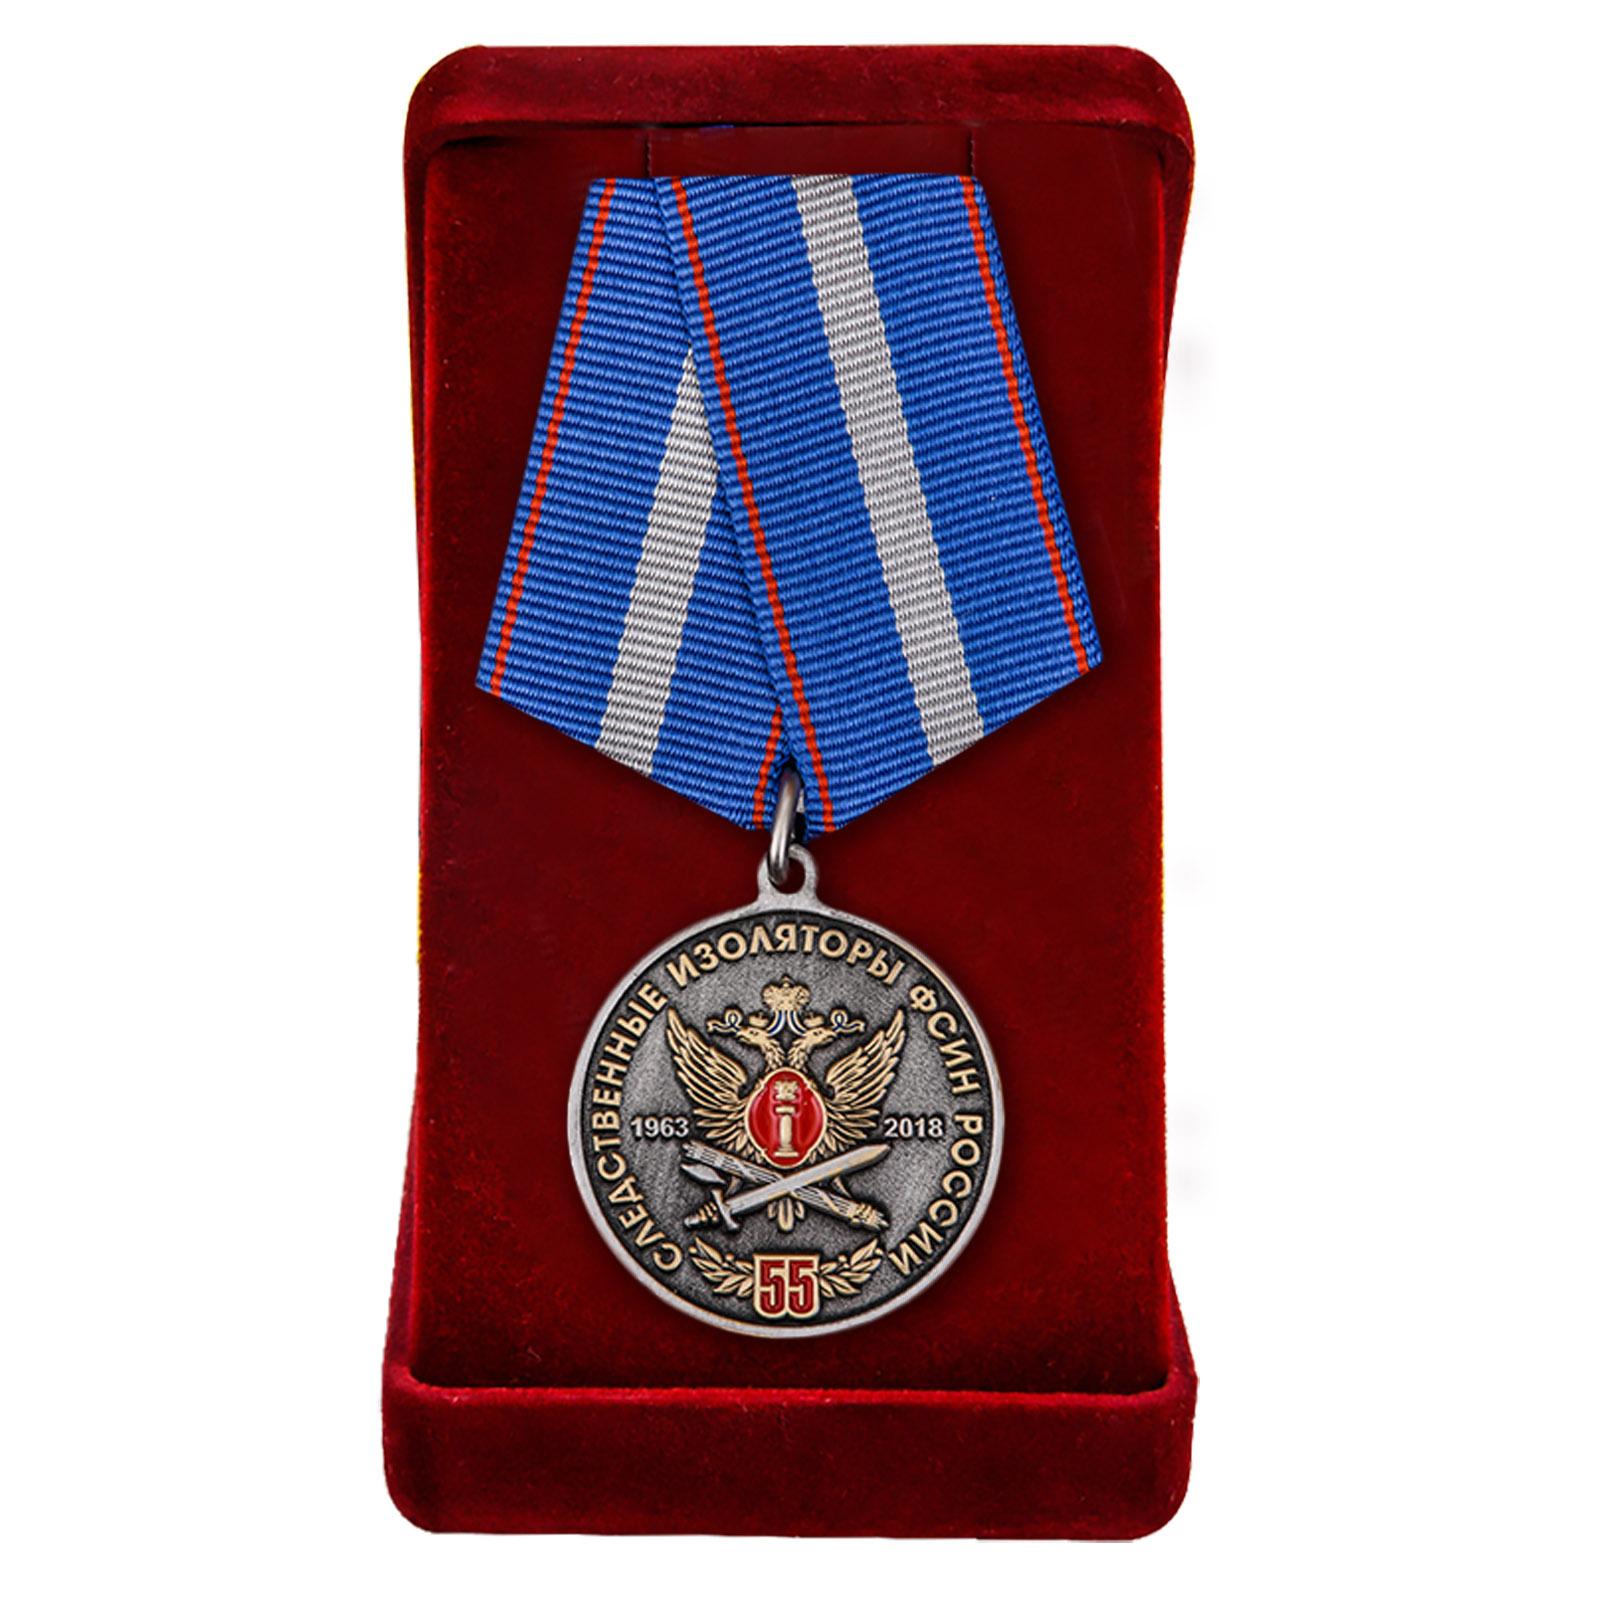 Купить памятную медаль 55 лет Следственным изоляторам ФСИН России онлайн